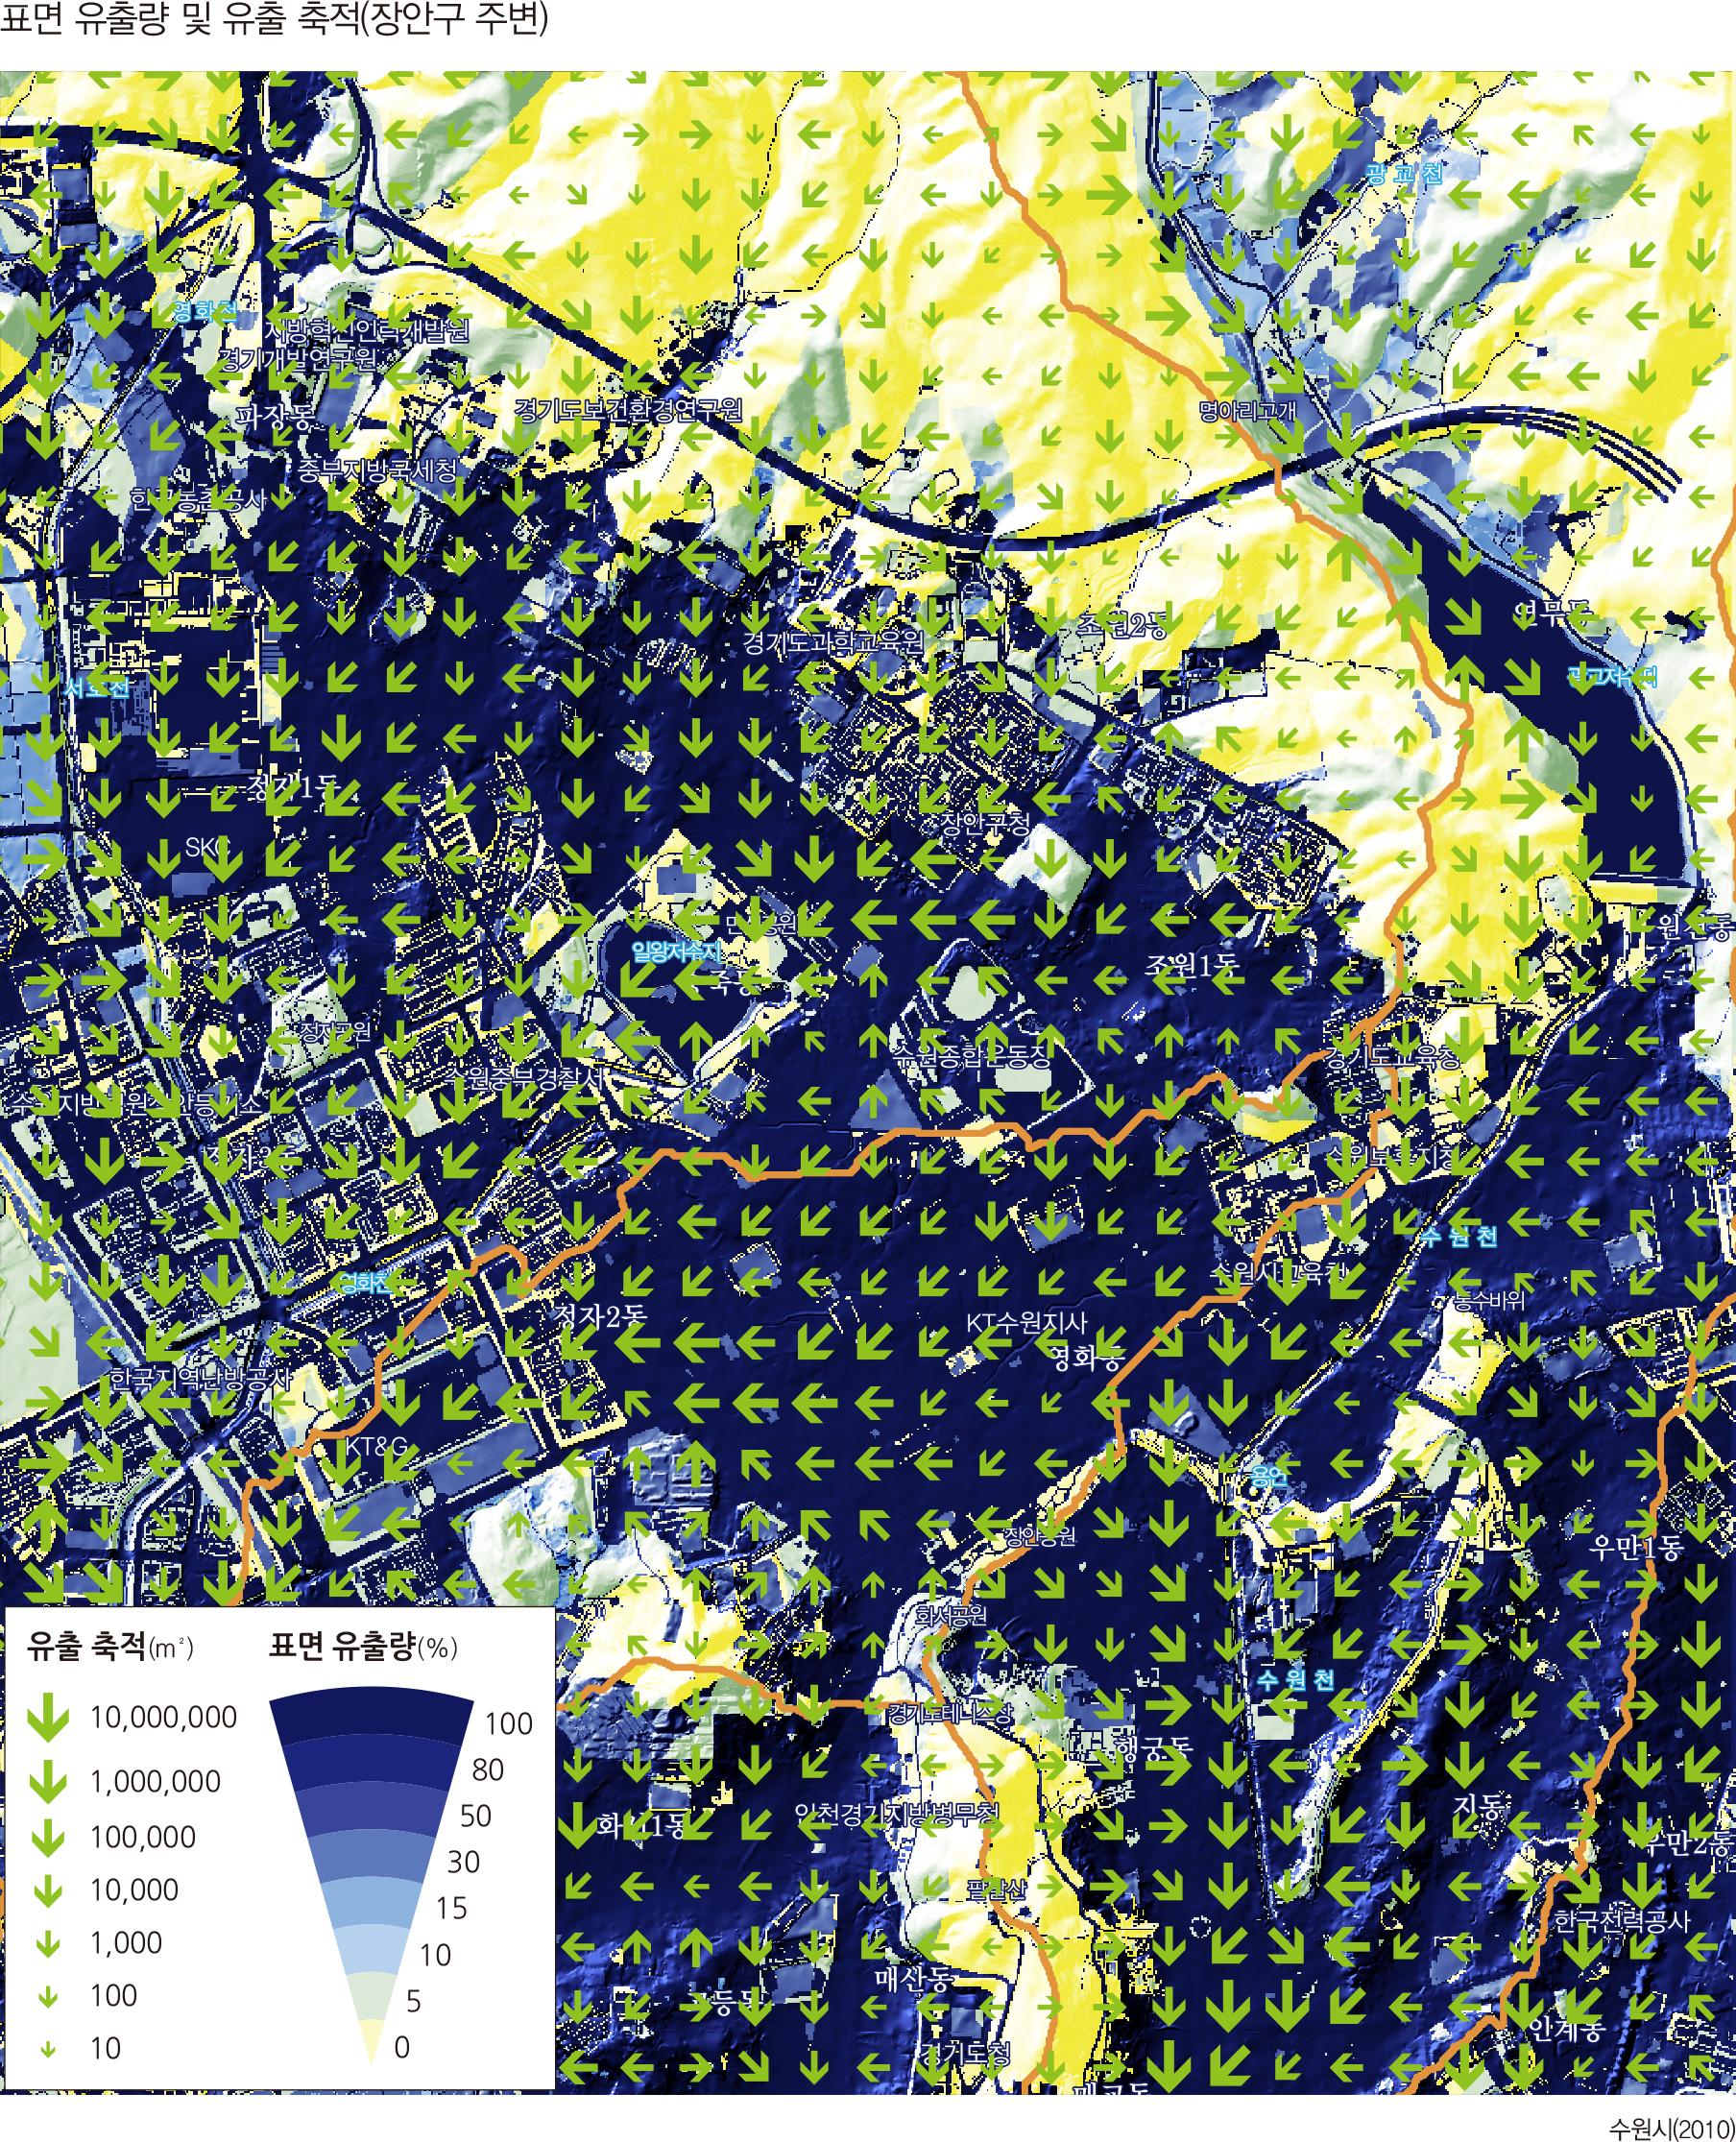 표면 유출량 및 유출 축적(장안구 주변)